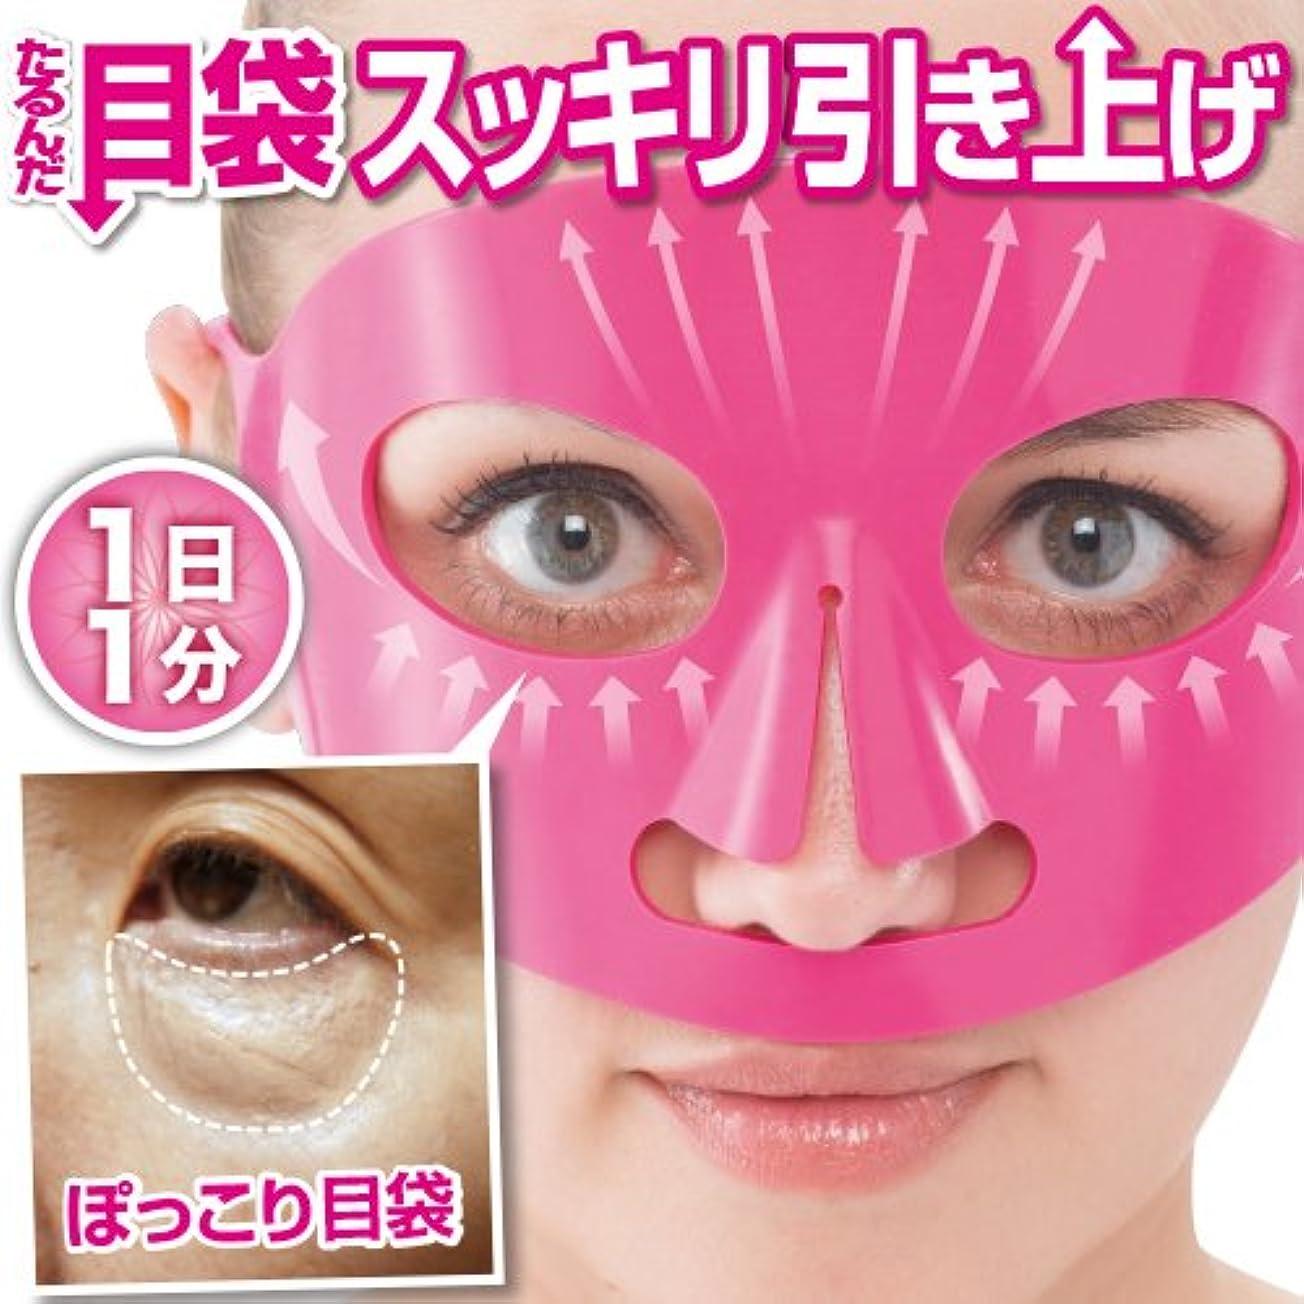 知恵山一般的に言えば目袋リフトしナイト